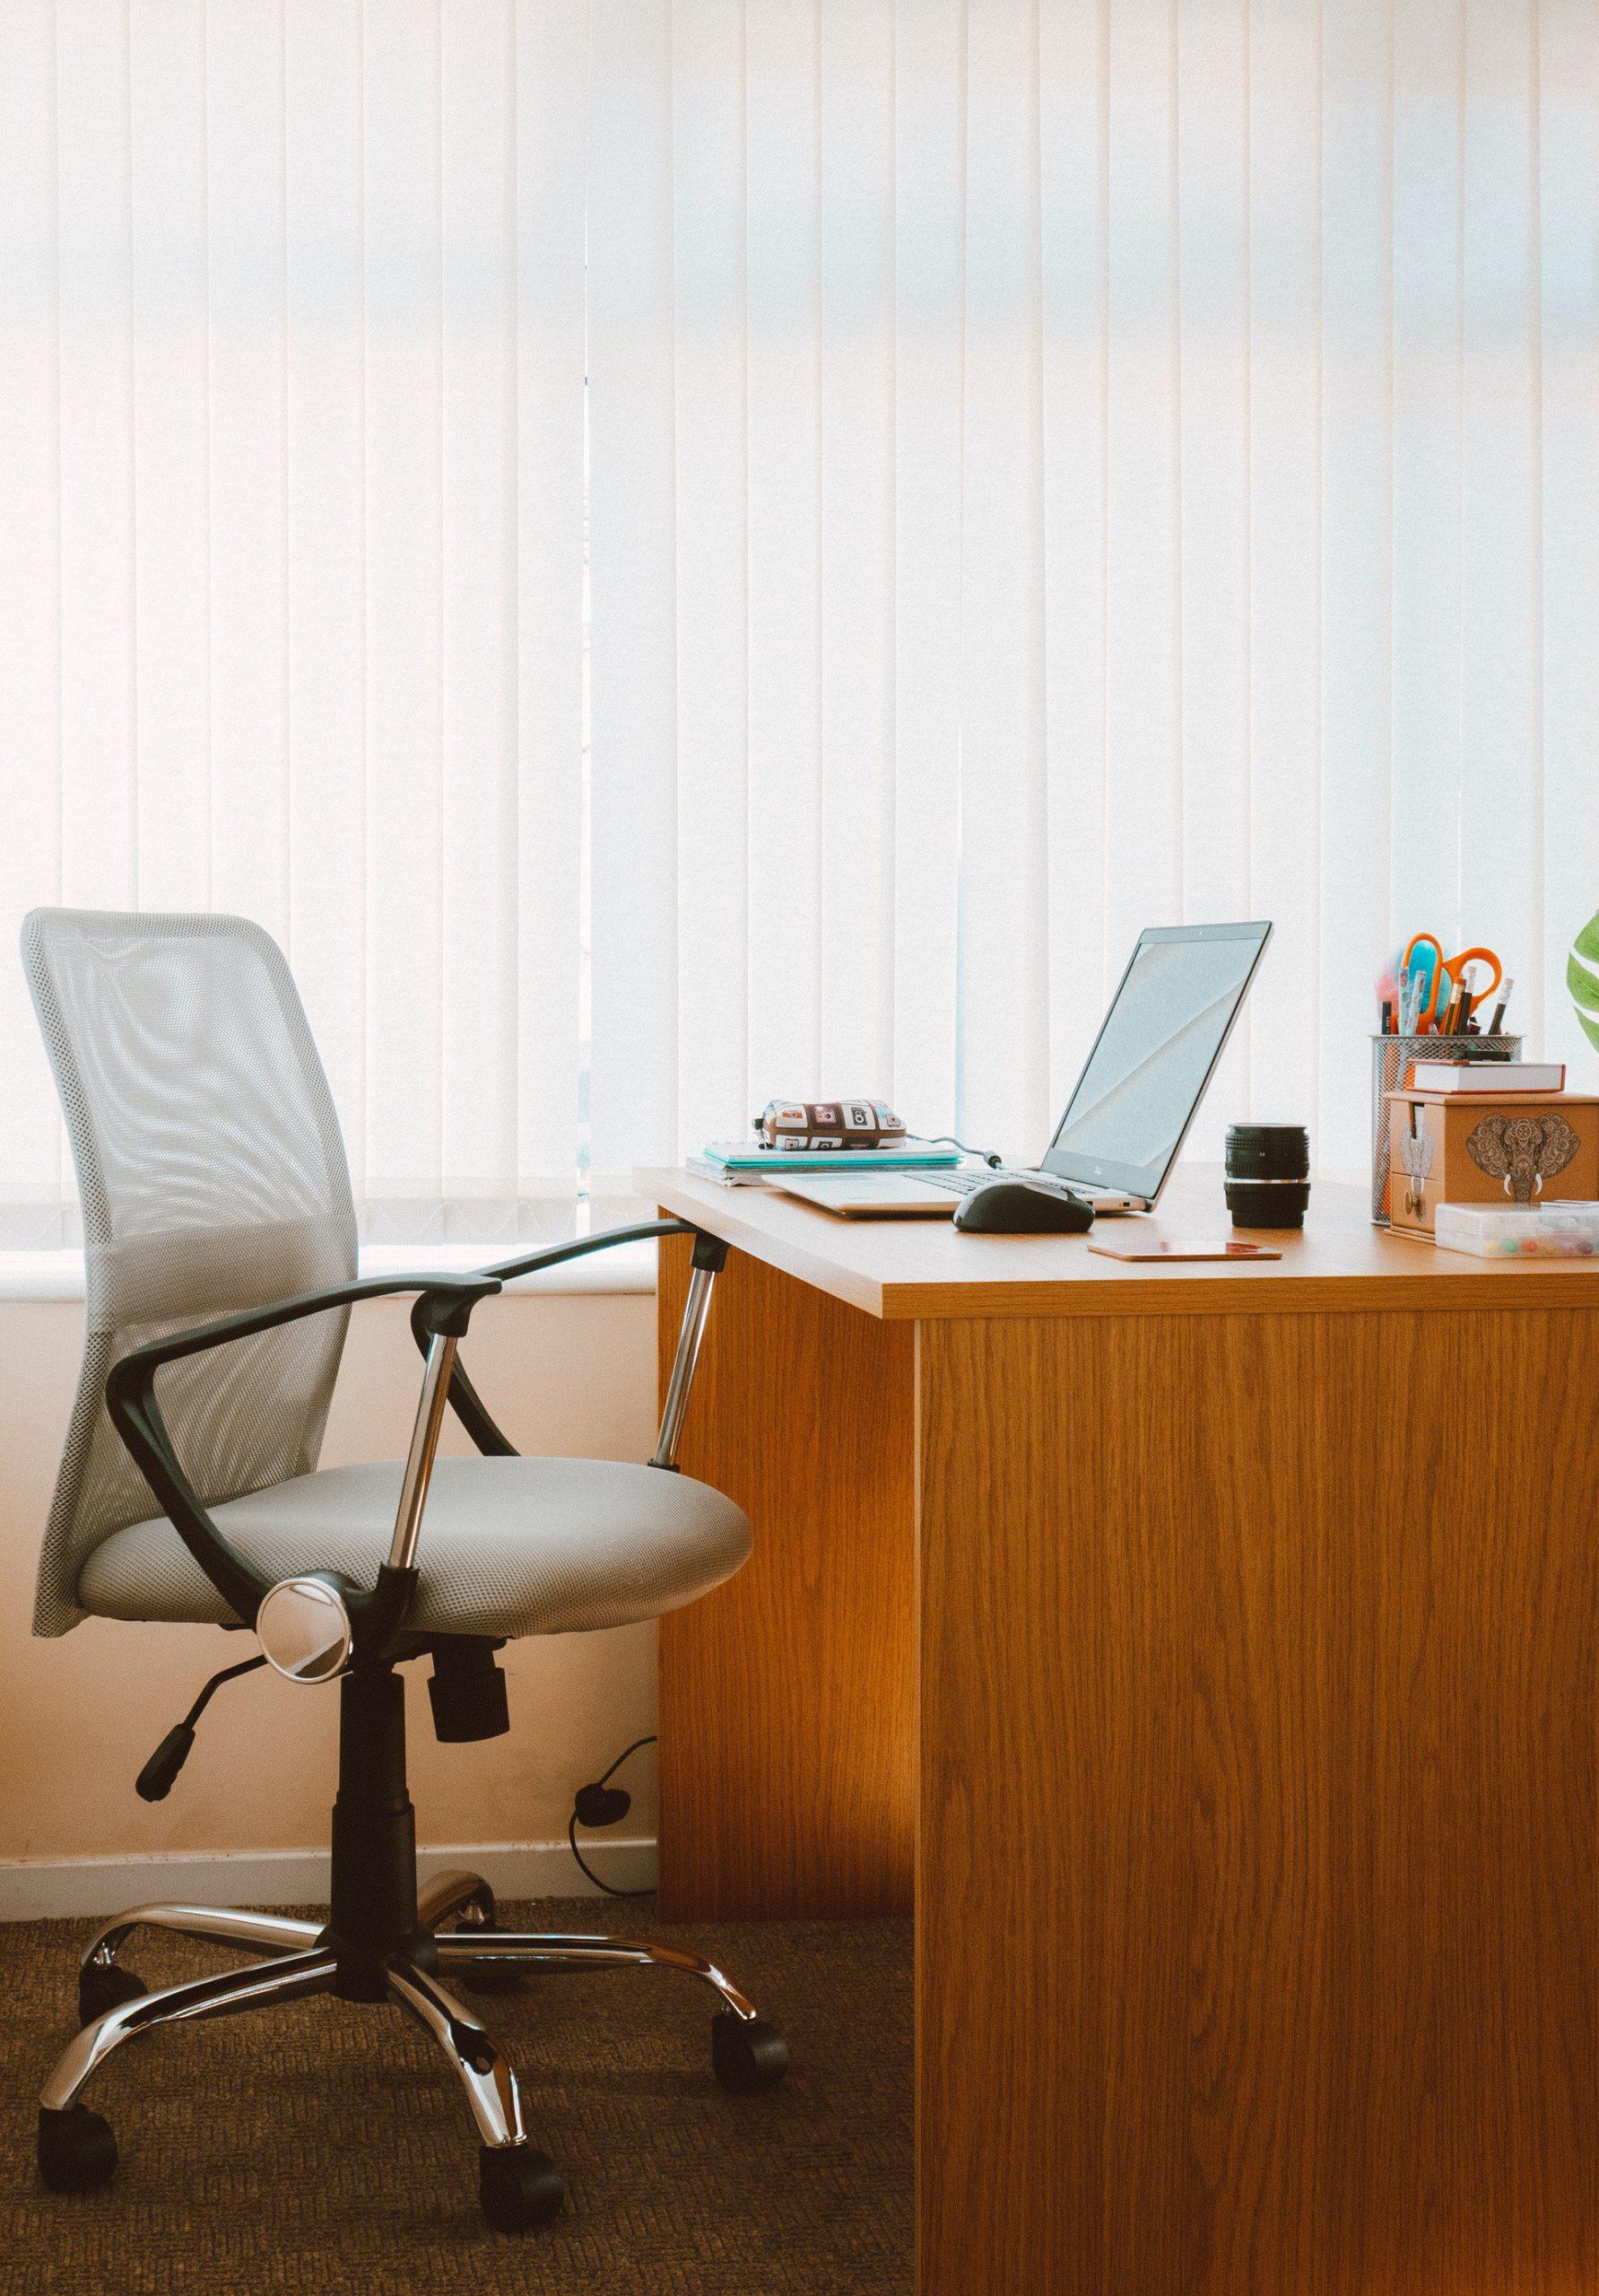 stoel op kantoor